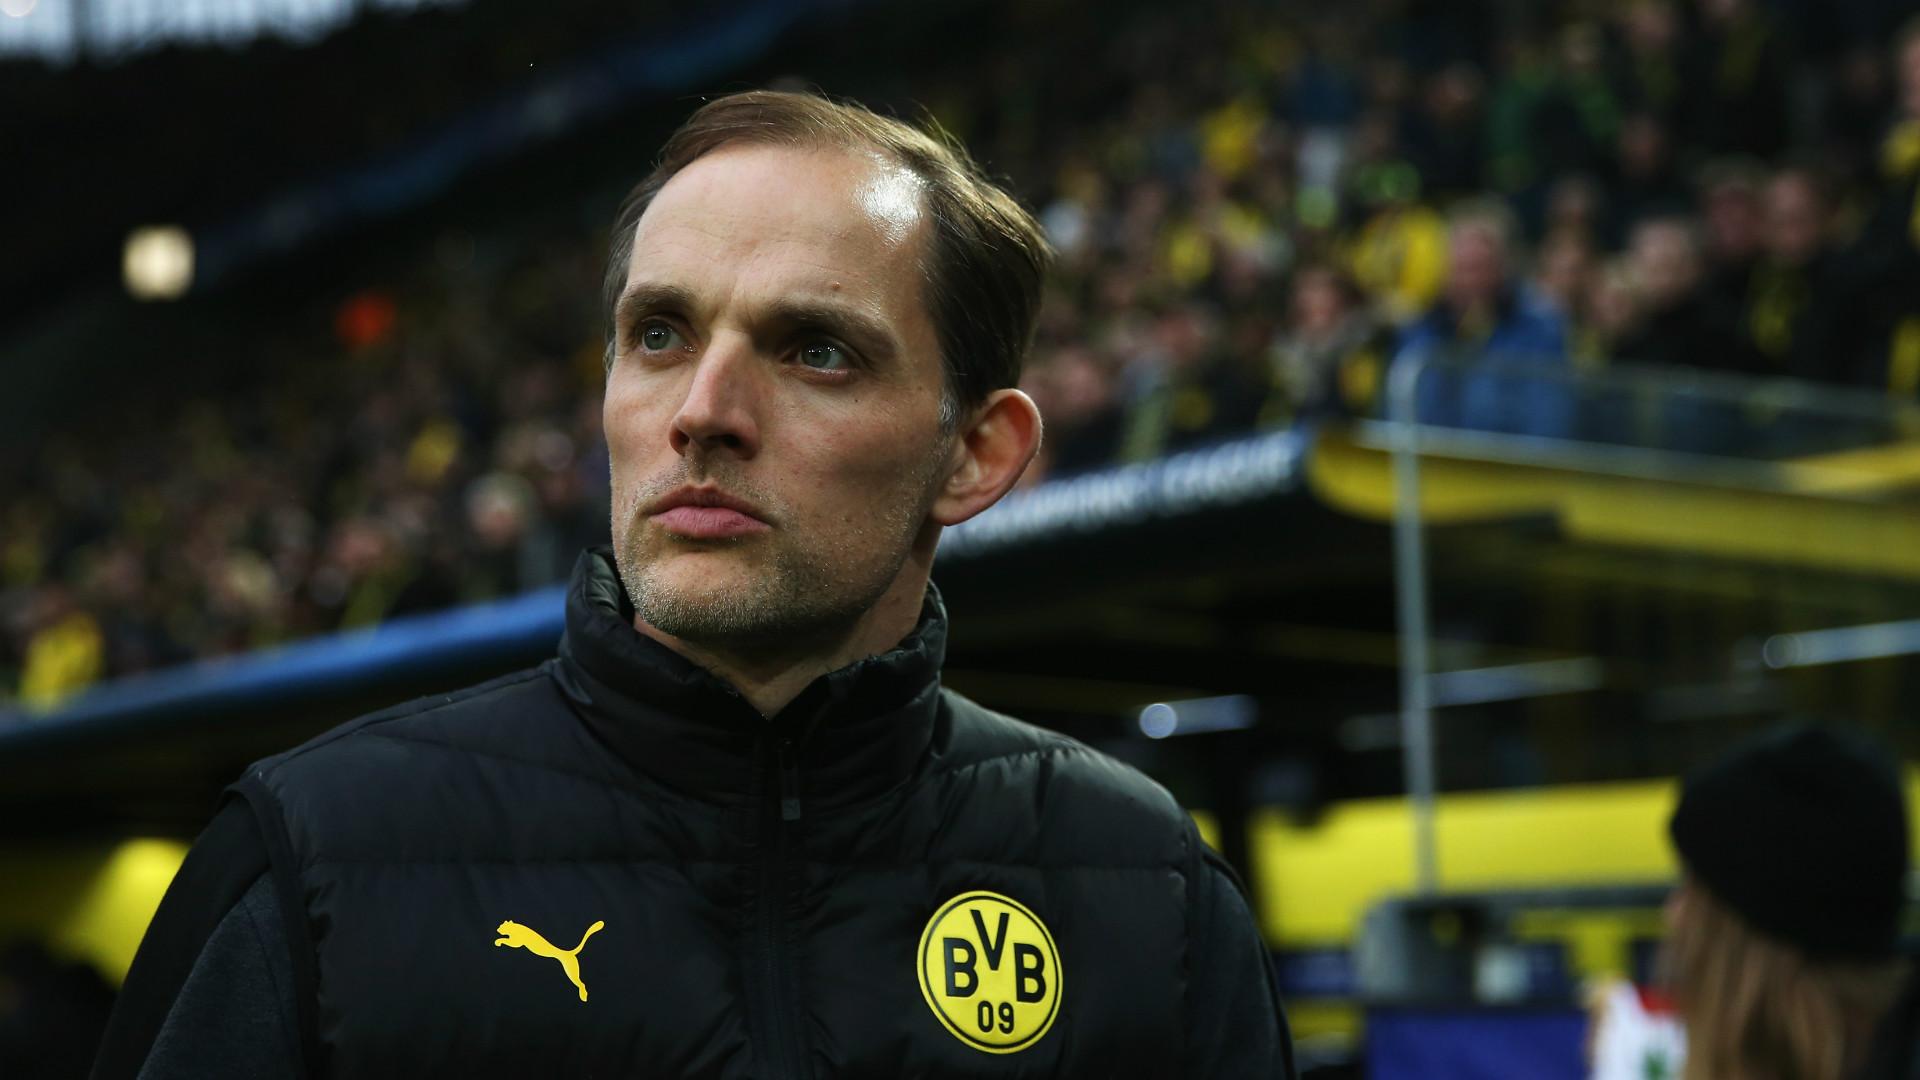 BVB trennt sich von Trainer Thomas Tuchel